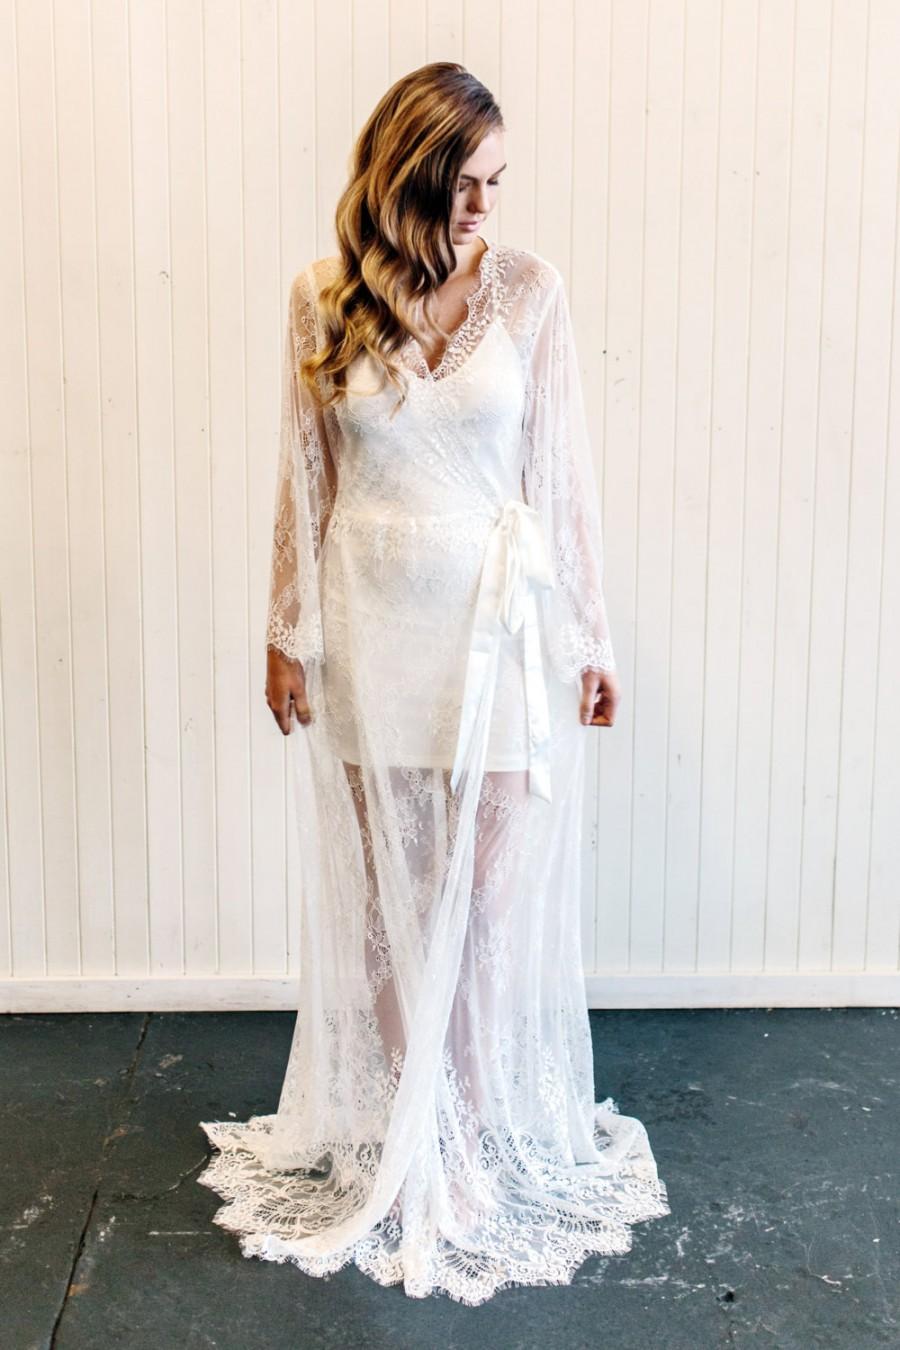 Hochzeit - Lace Bride Robe